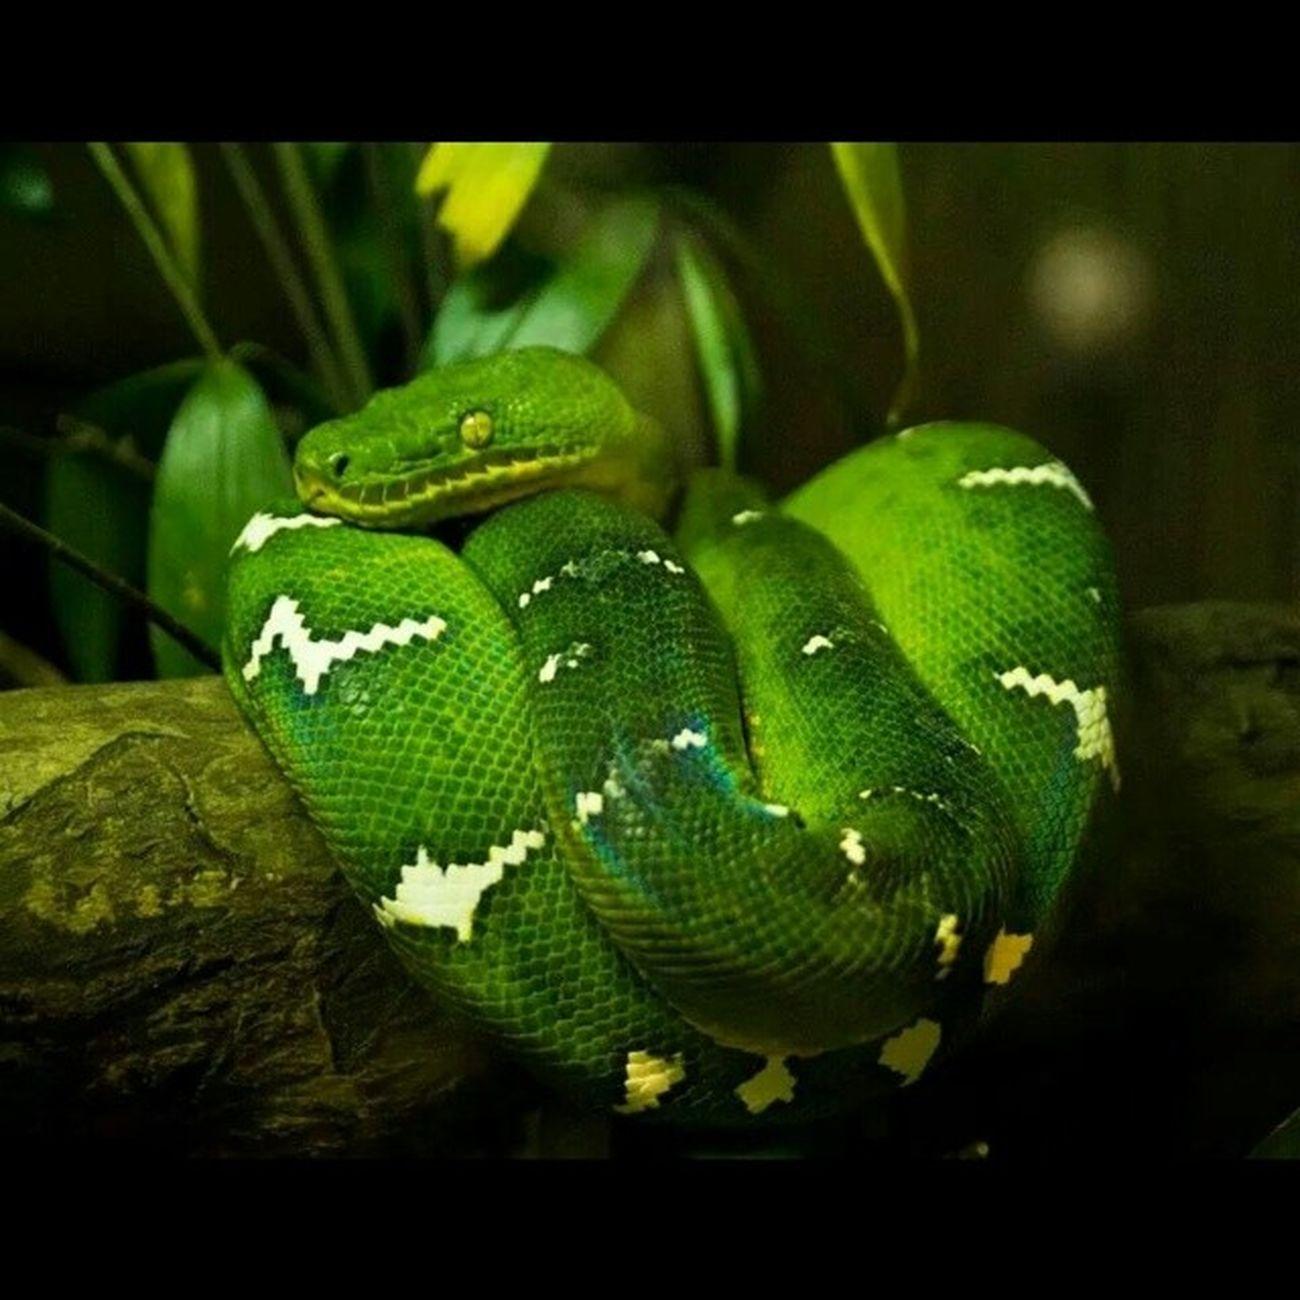 Amazing color snake @singaporezoo SingaporeZoo Singapore Holiday Igphotooftheday travel traveling TagsForLikes TFLers vacation visiting instatravel instago instagood trip holiday photooftheday fun travelling tourism tourist instapassport instatraveling mytravelgram travelgram travelingram igtravel